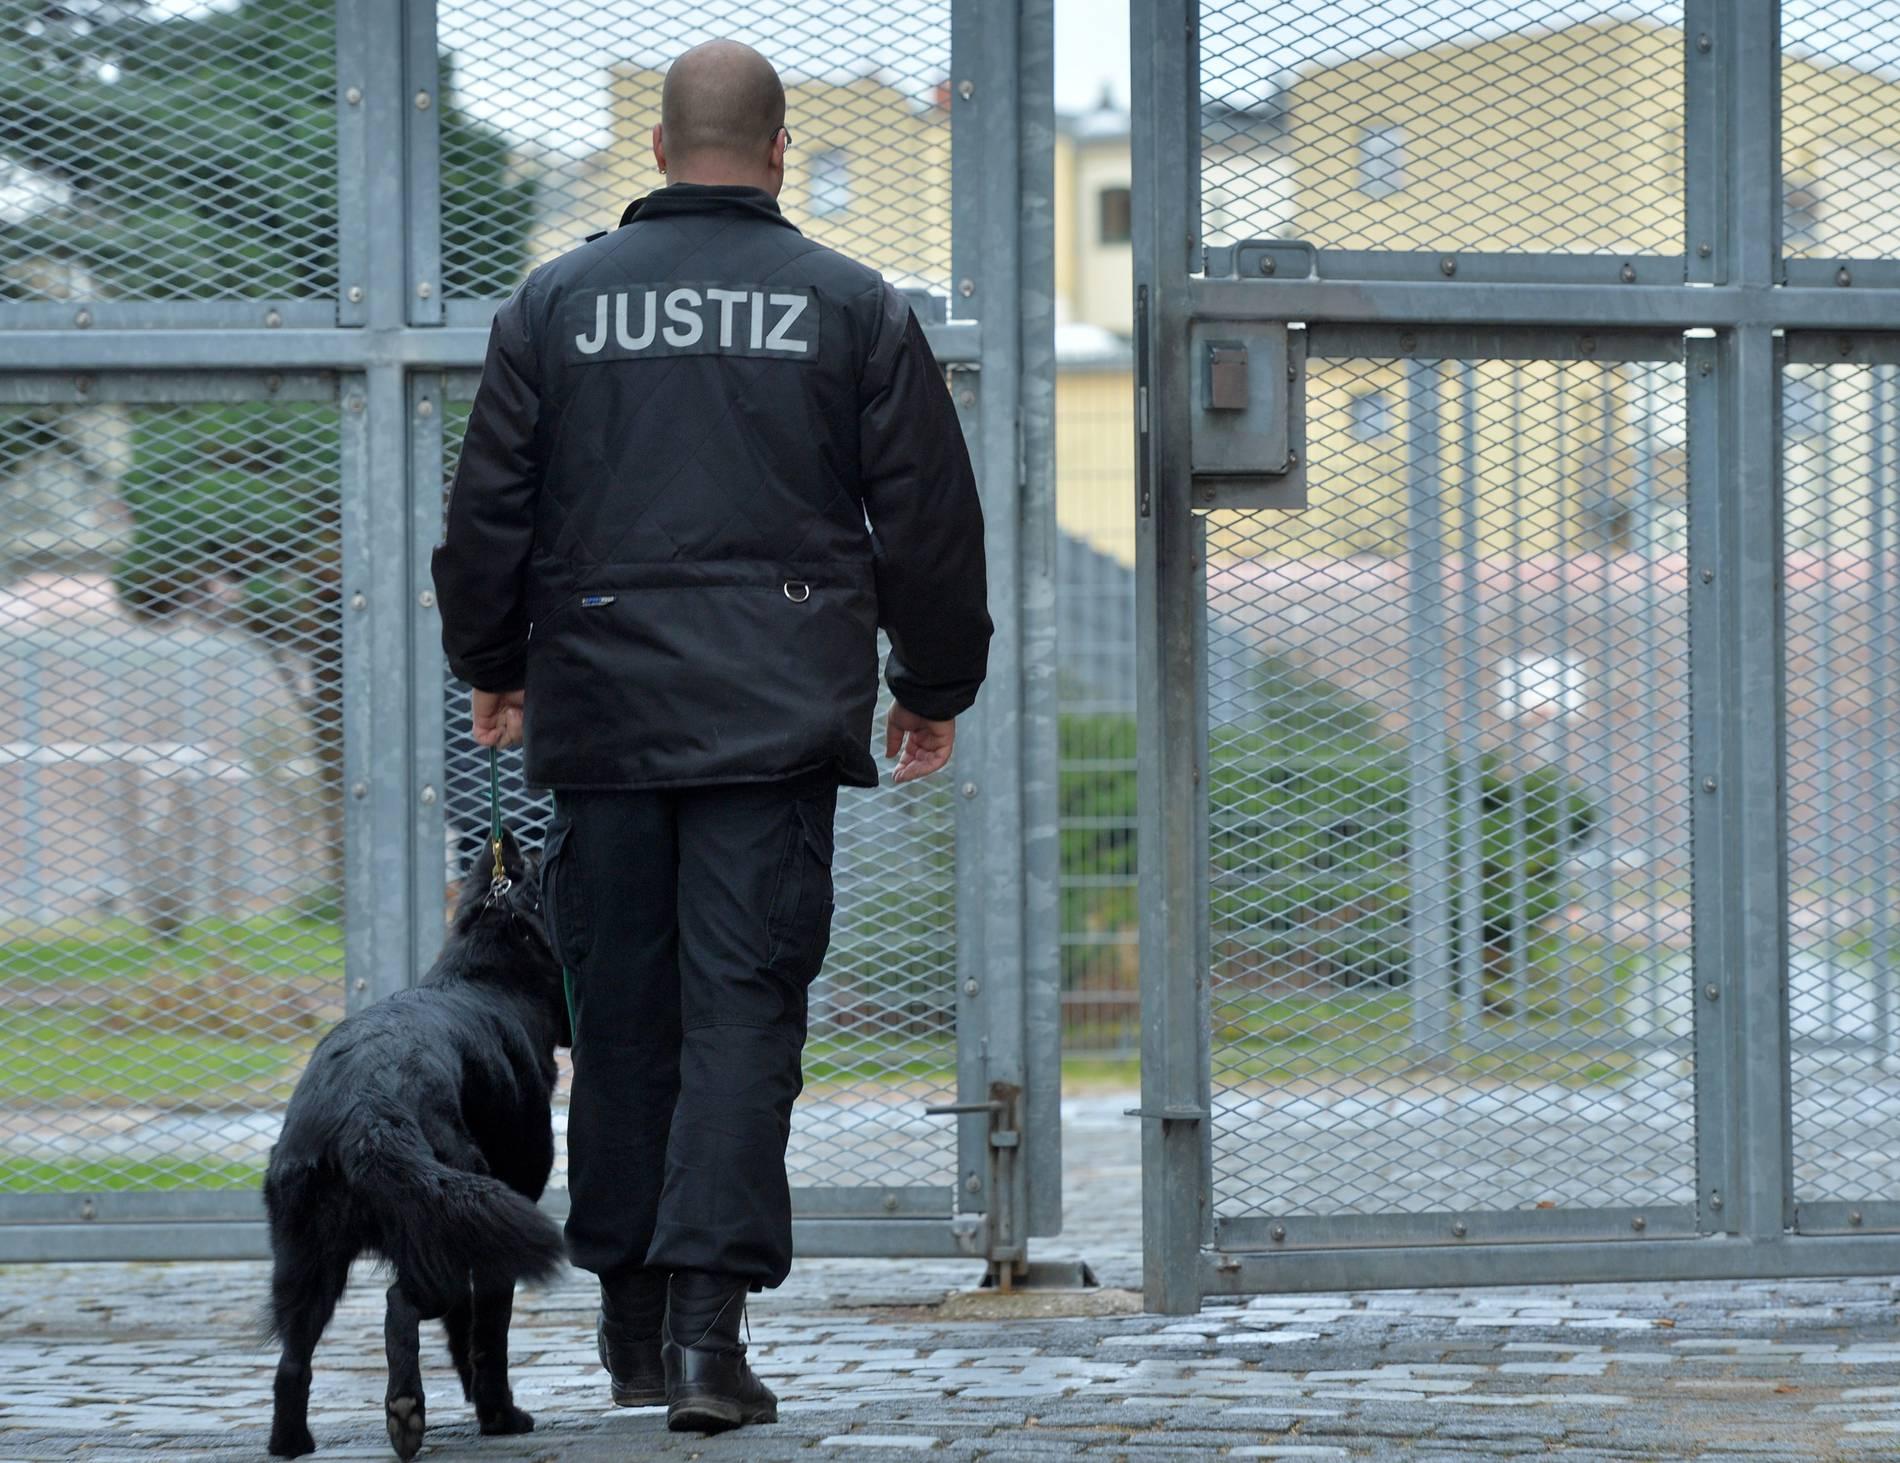 Pilotprojekt in NRW Rund 2000 illegale Handys in Gefängnissen – Justiz setzt Spürhunde ein